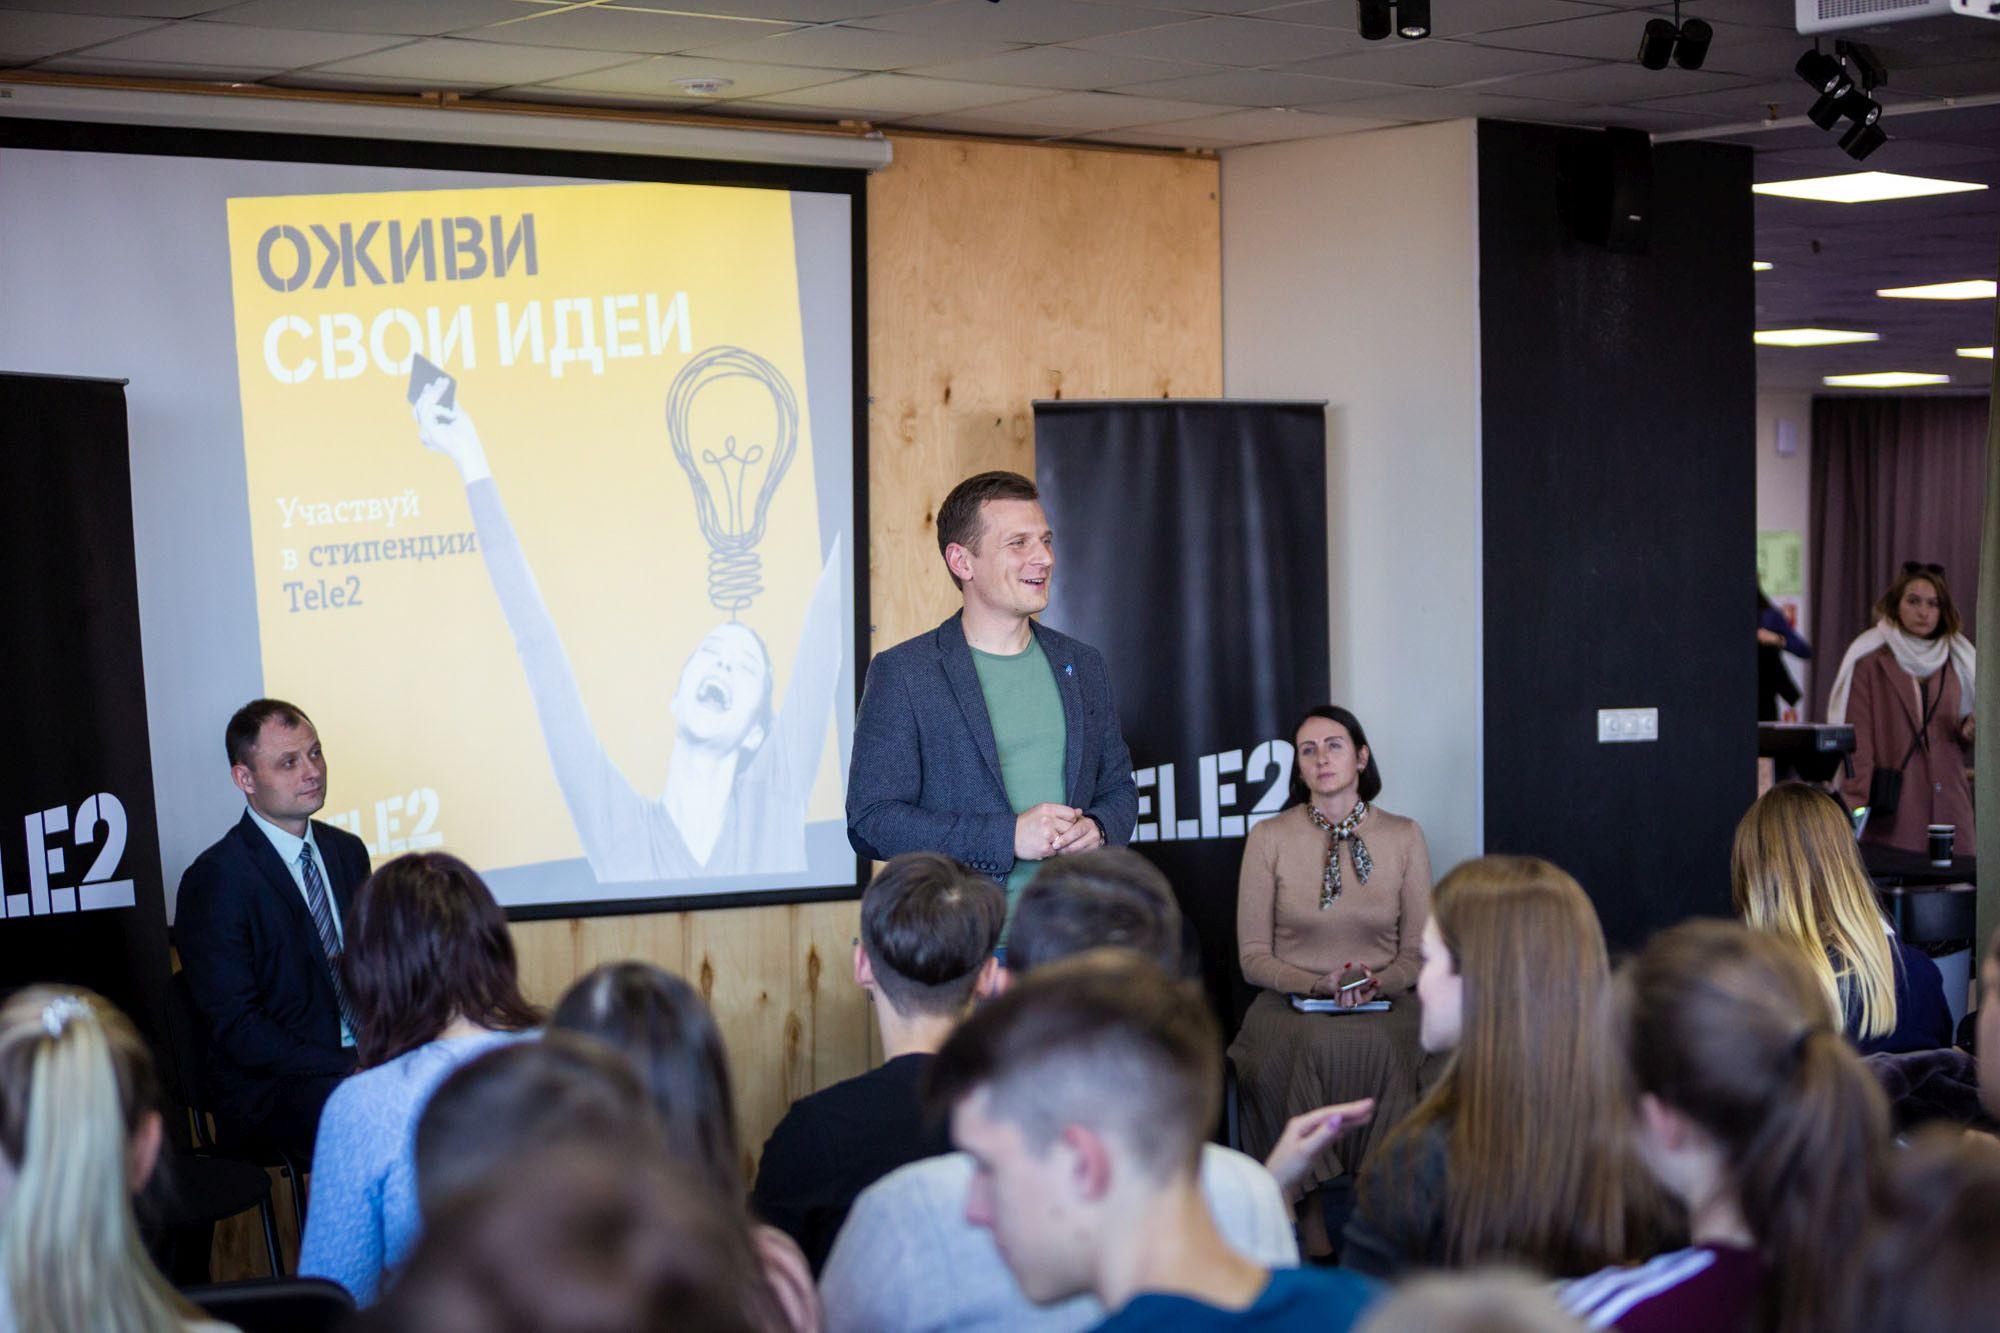 Талантливые студенты ДВФУ реализуют свой потенциал благодаря Tele2